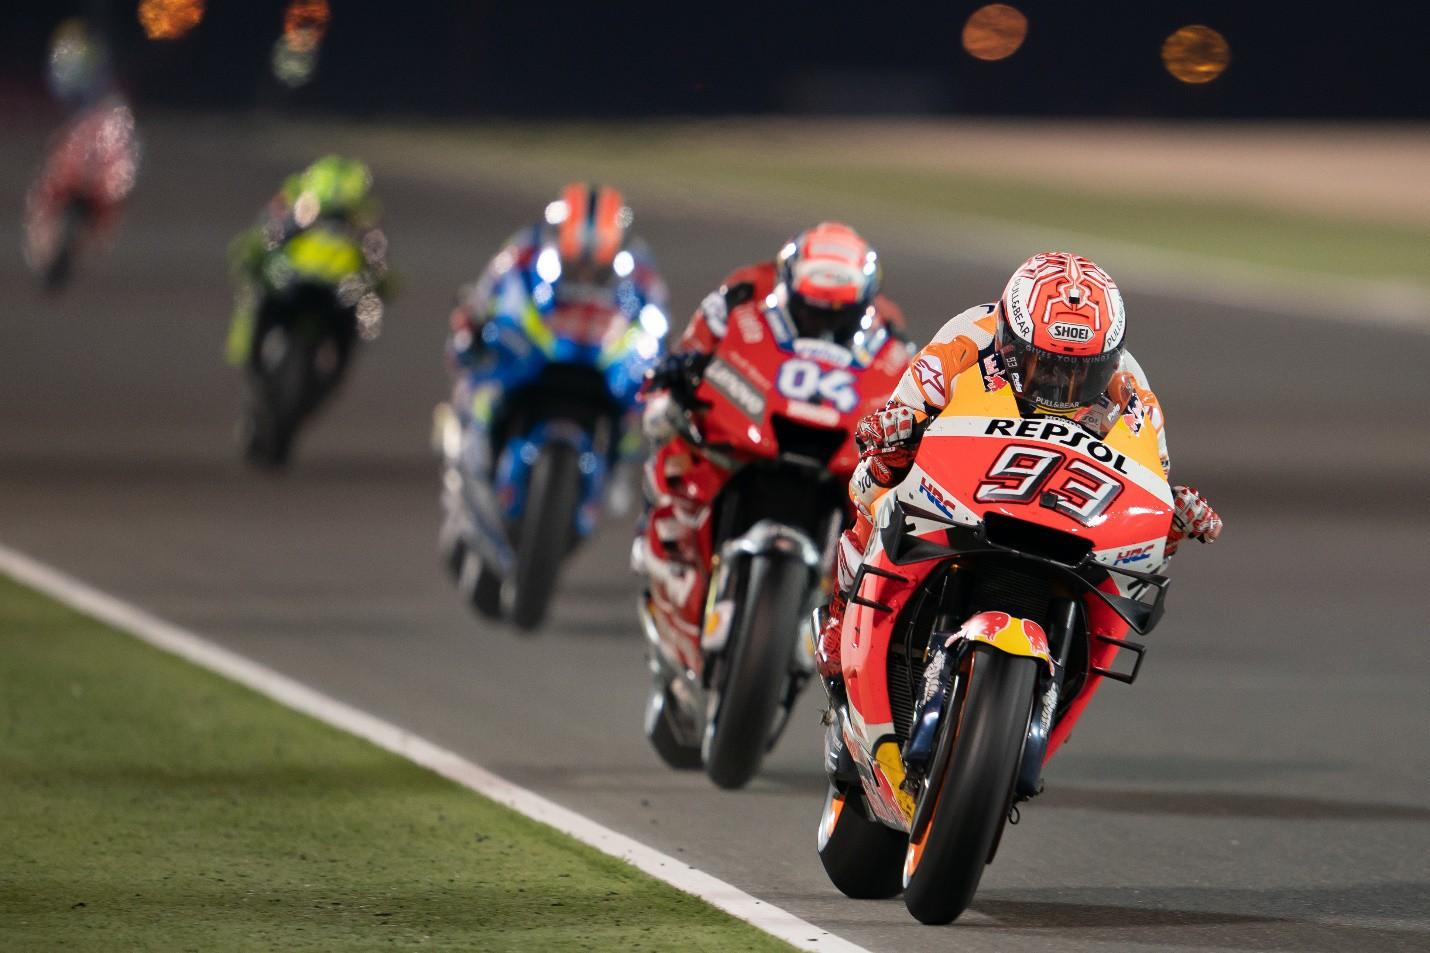 Repsol Honda Team đã sẵn sàng cho mùa giải MotoGP 2019 - Ảnh 2.